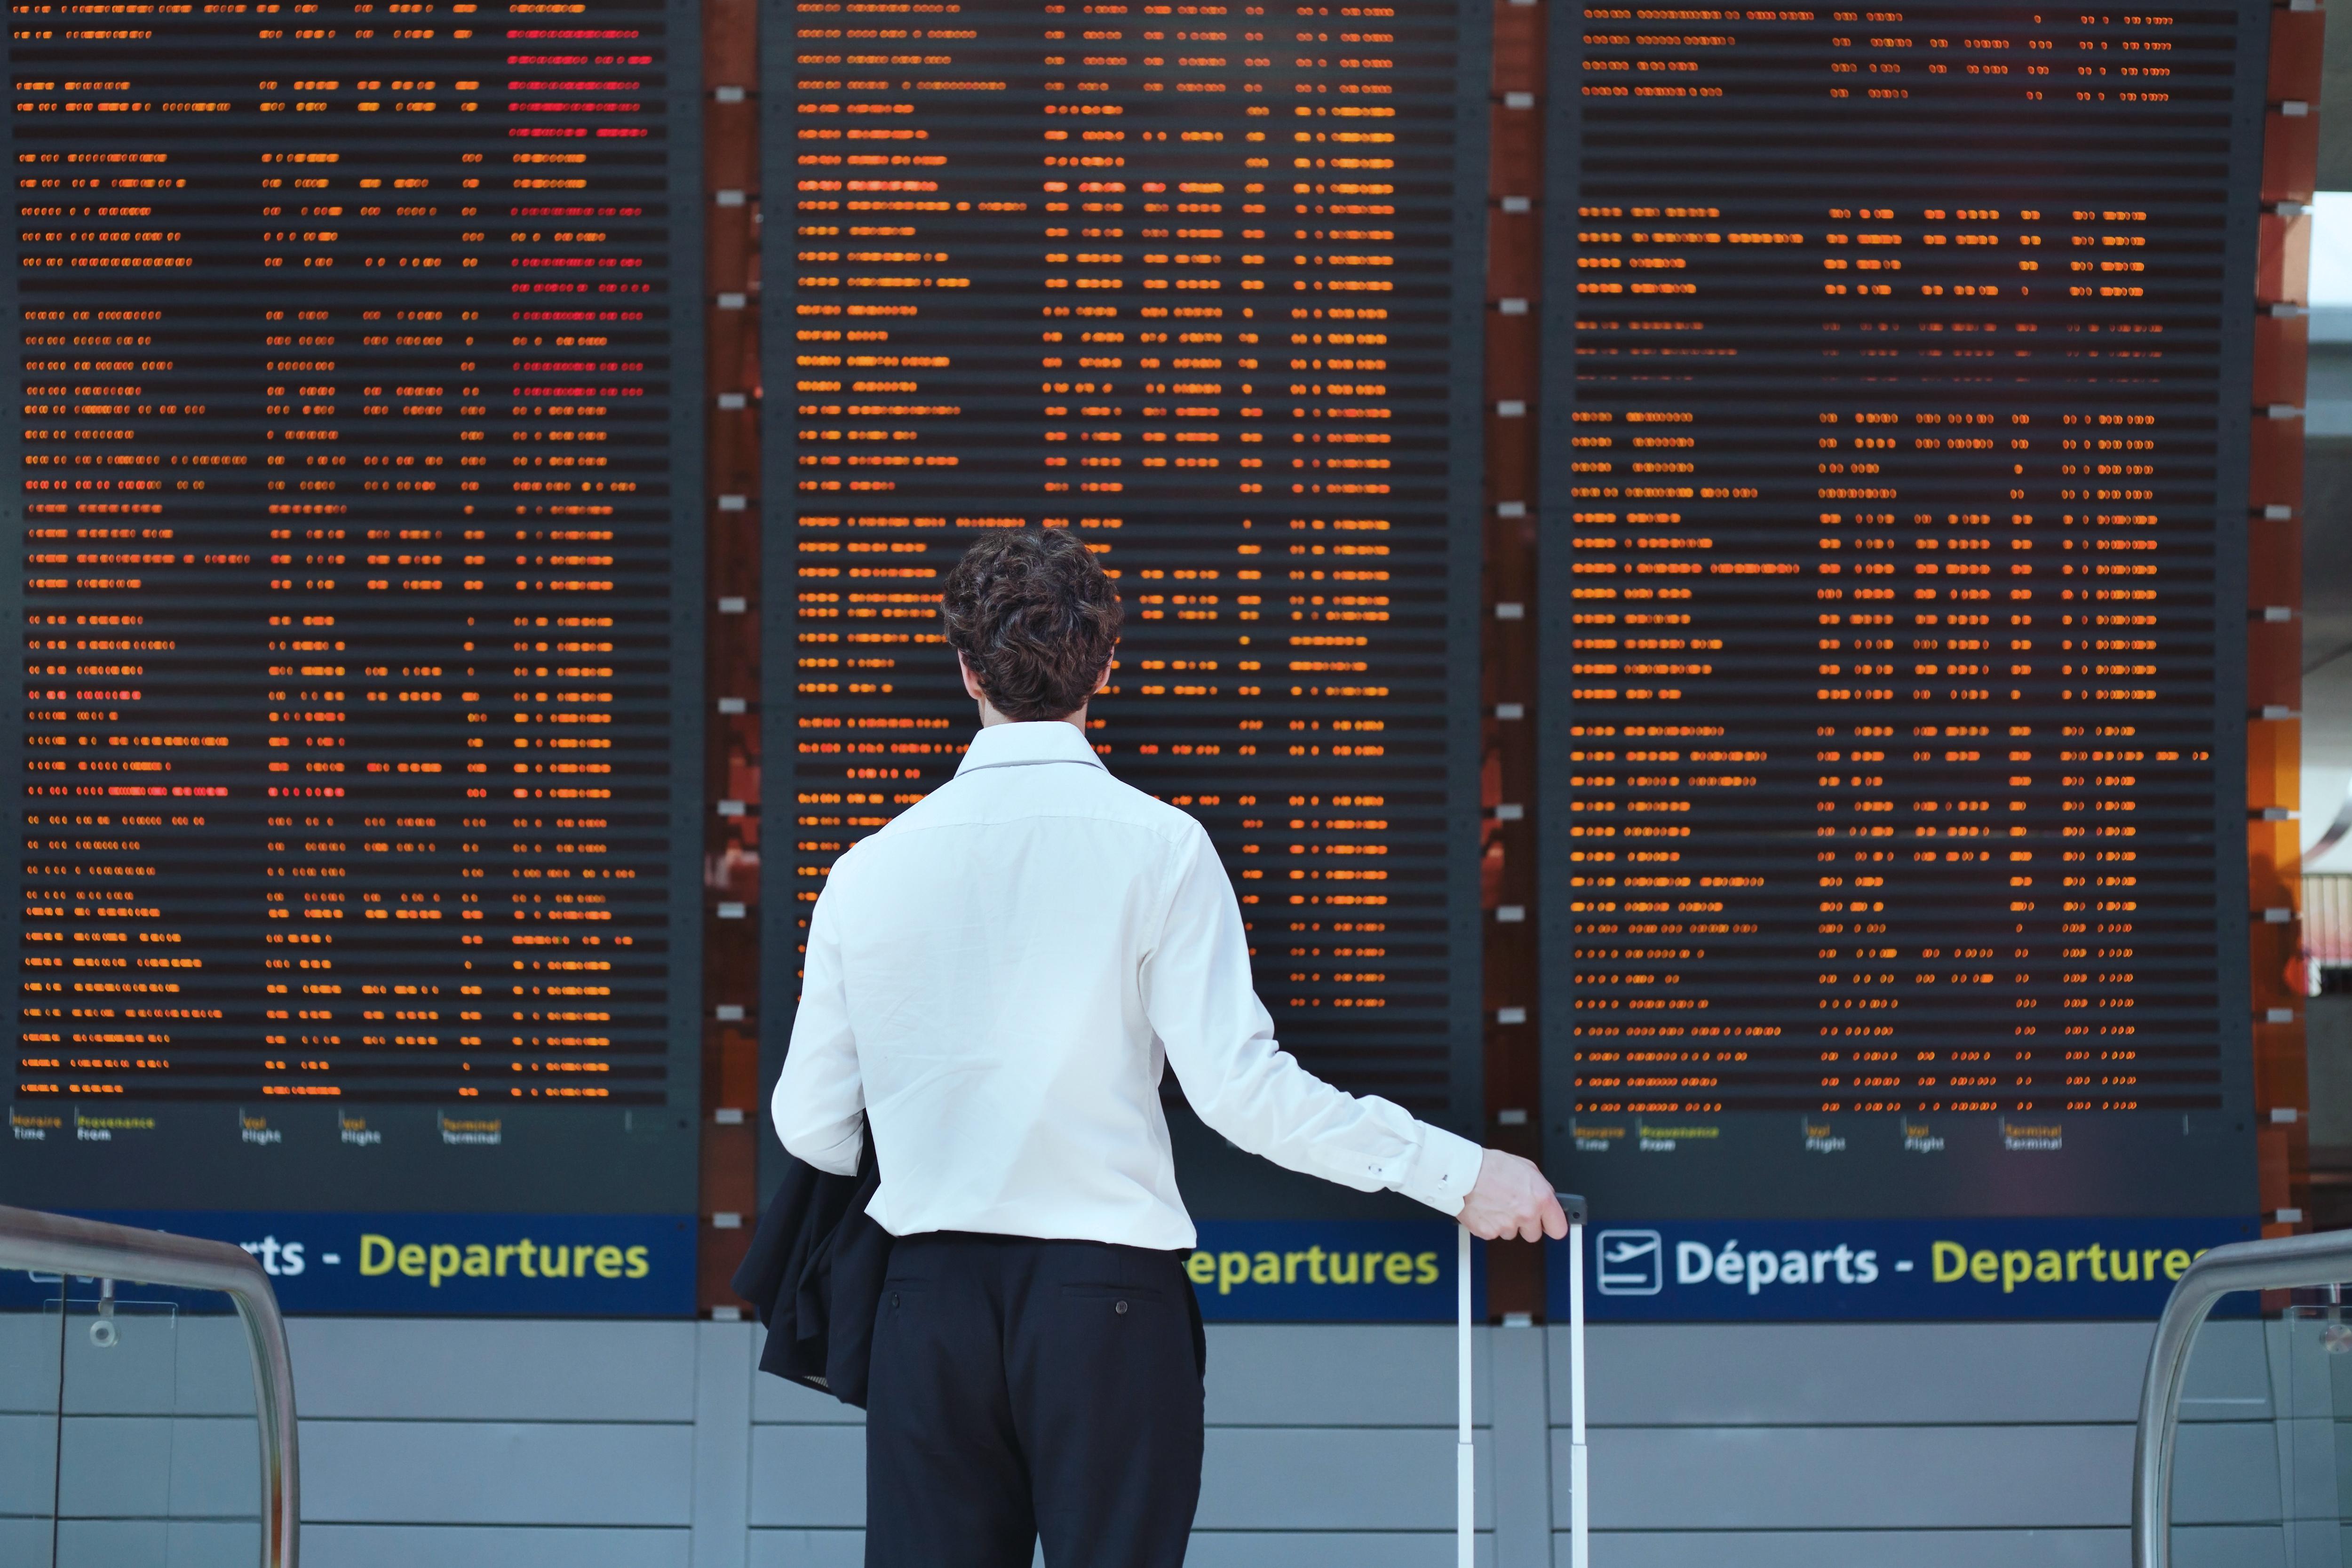 Pasajero corporativo en aeropuerto